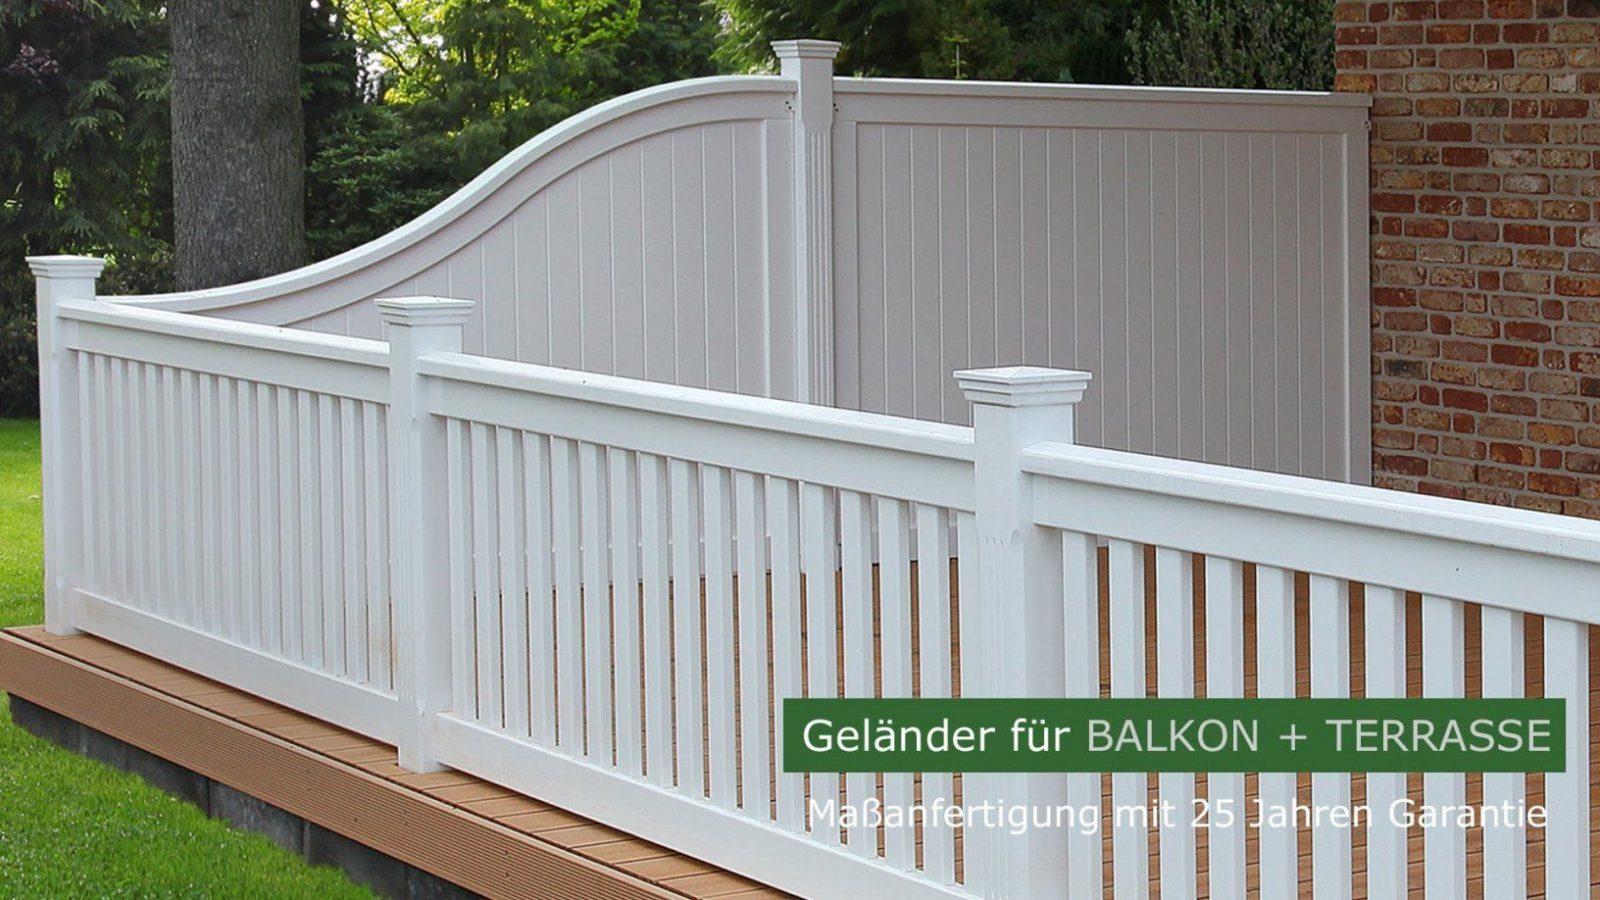 Geländer Holz Selber Bauen Tq36 – Hitoiro von Veranda Aus Holz Selber Bauen Bild